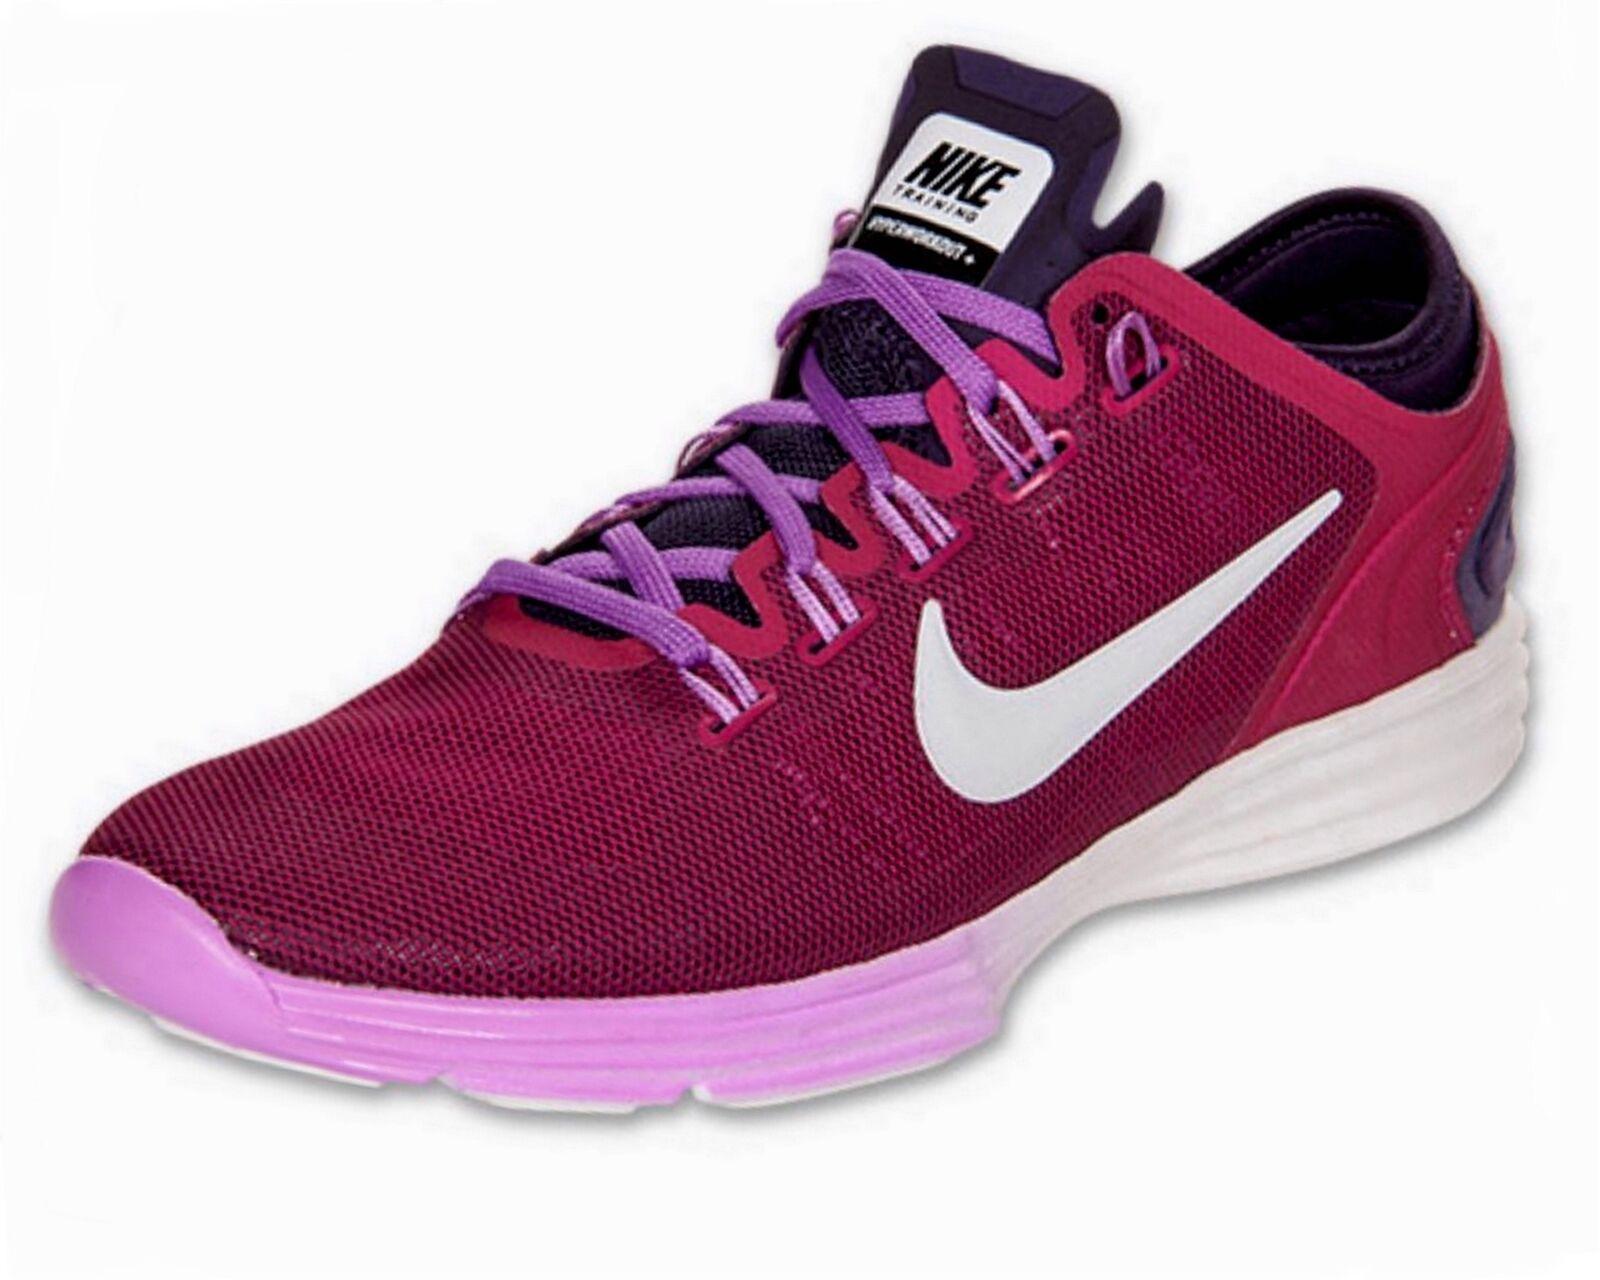 New NIKE Women's Pink Lunar Hyperworkout XT+ Running Training shoes Sneaker  110